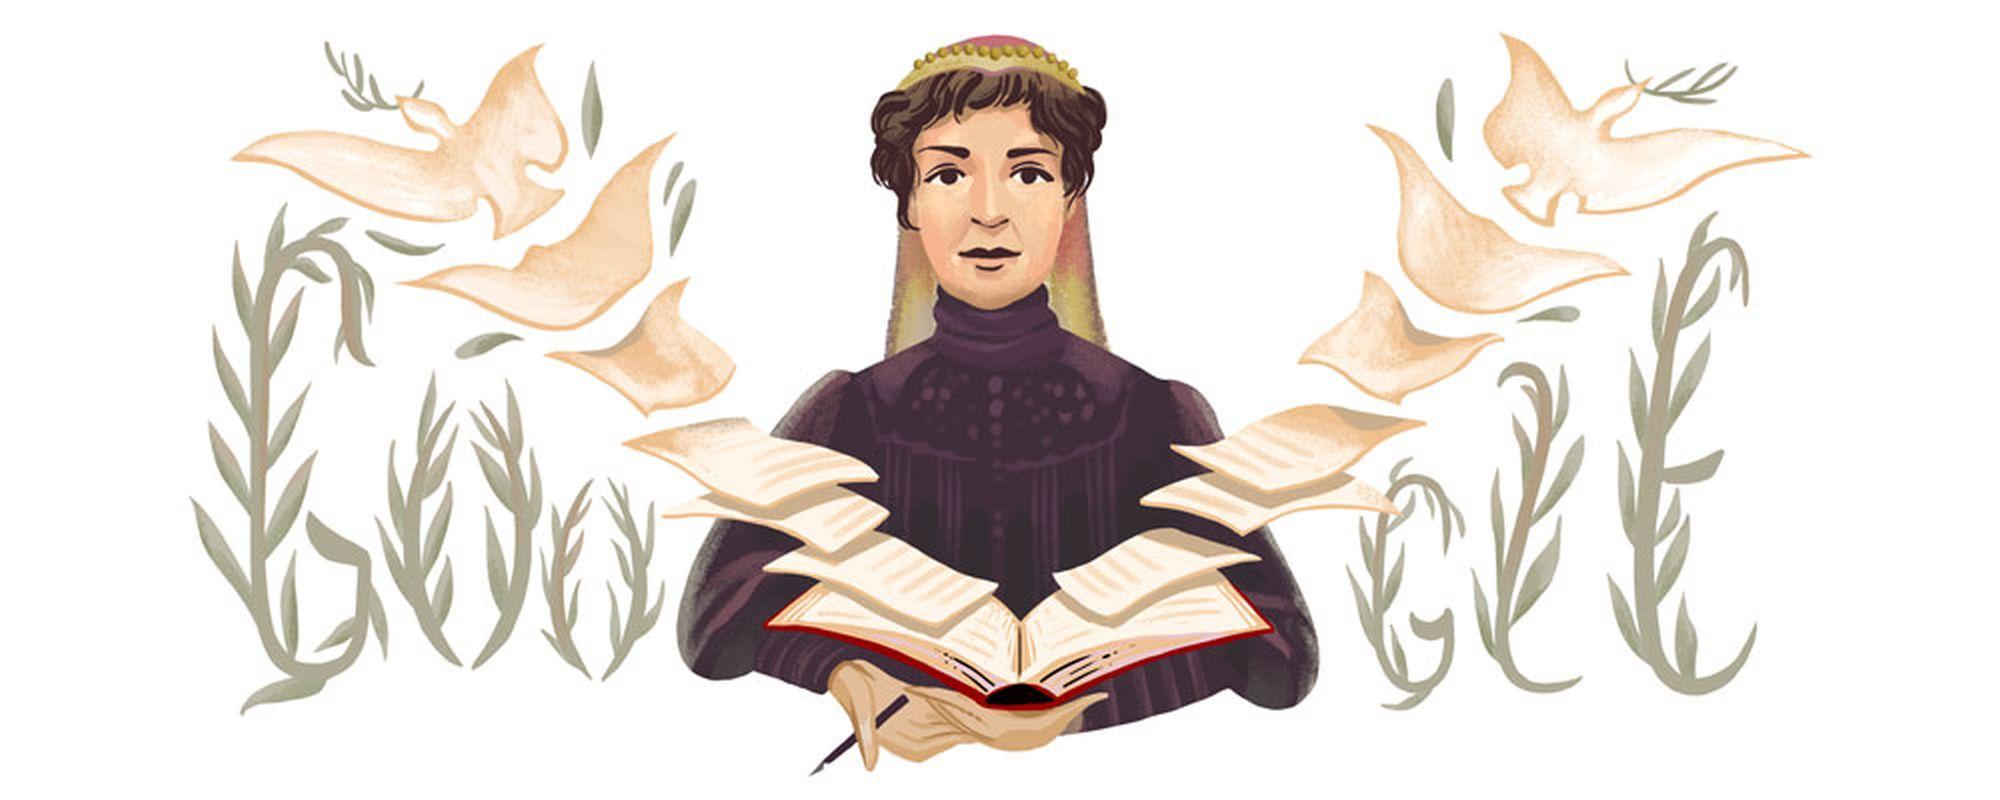 Bertha von Suttner Google Doodle